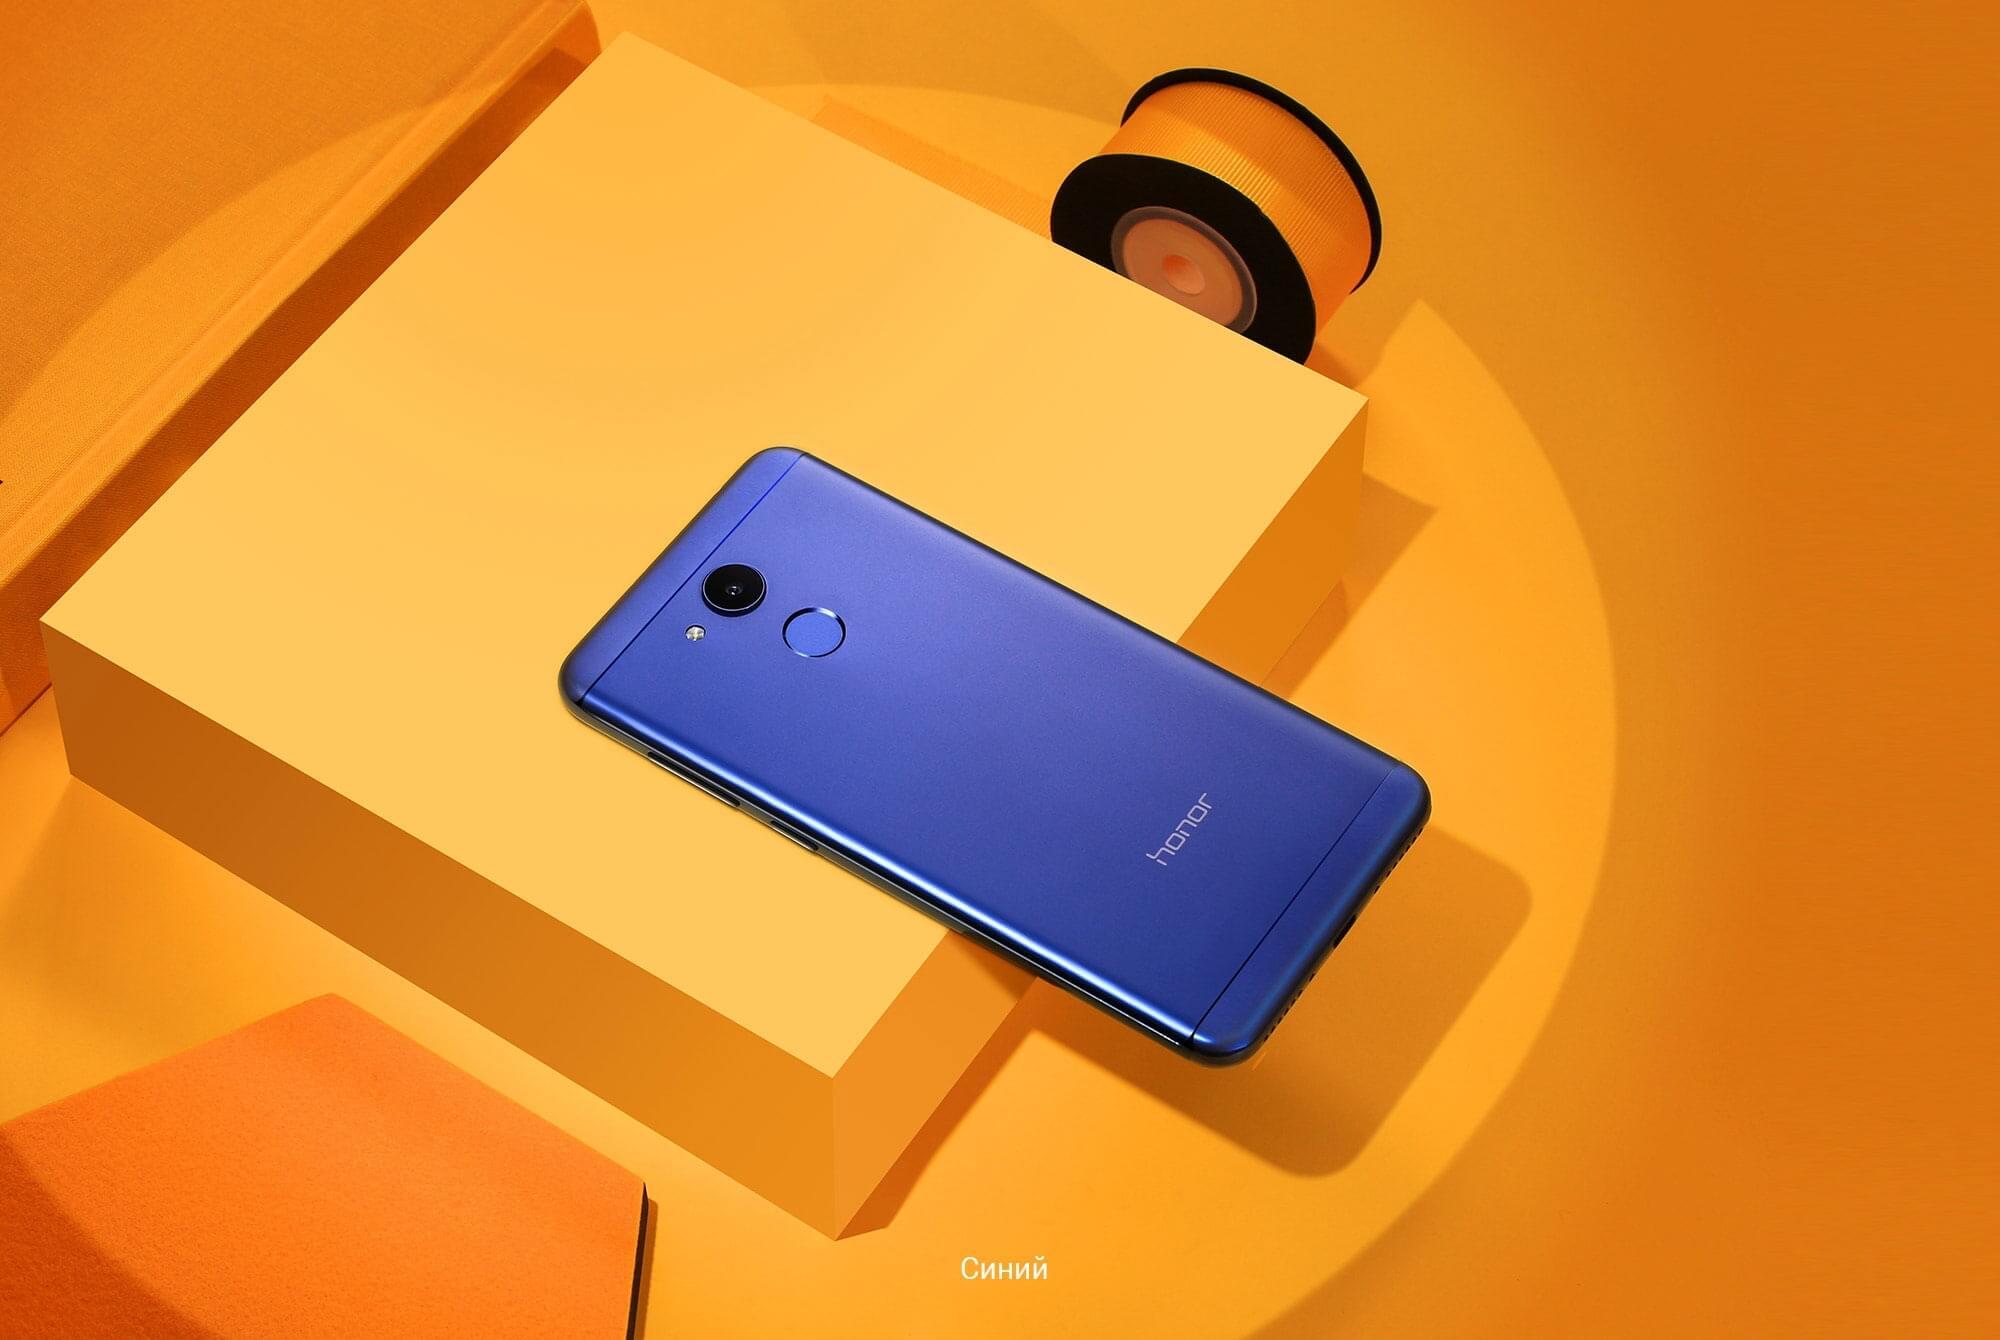 В России появился недорогой металлический смартфон от Honor – 6C Pro